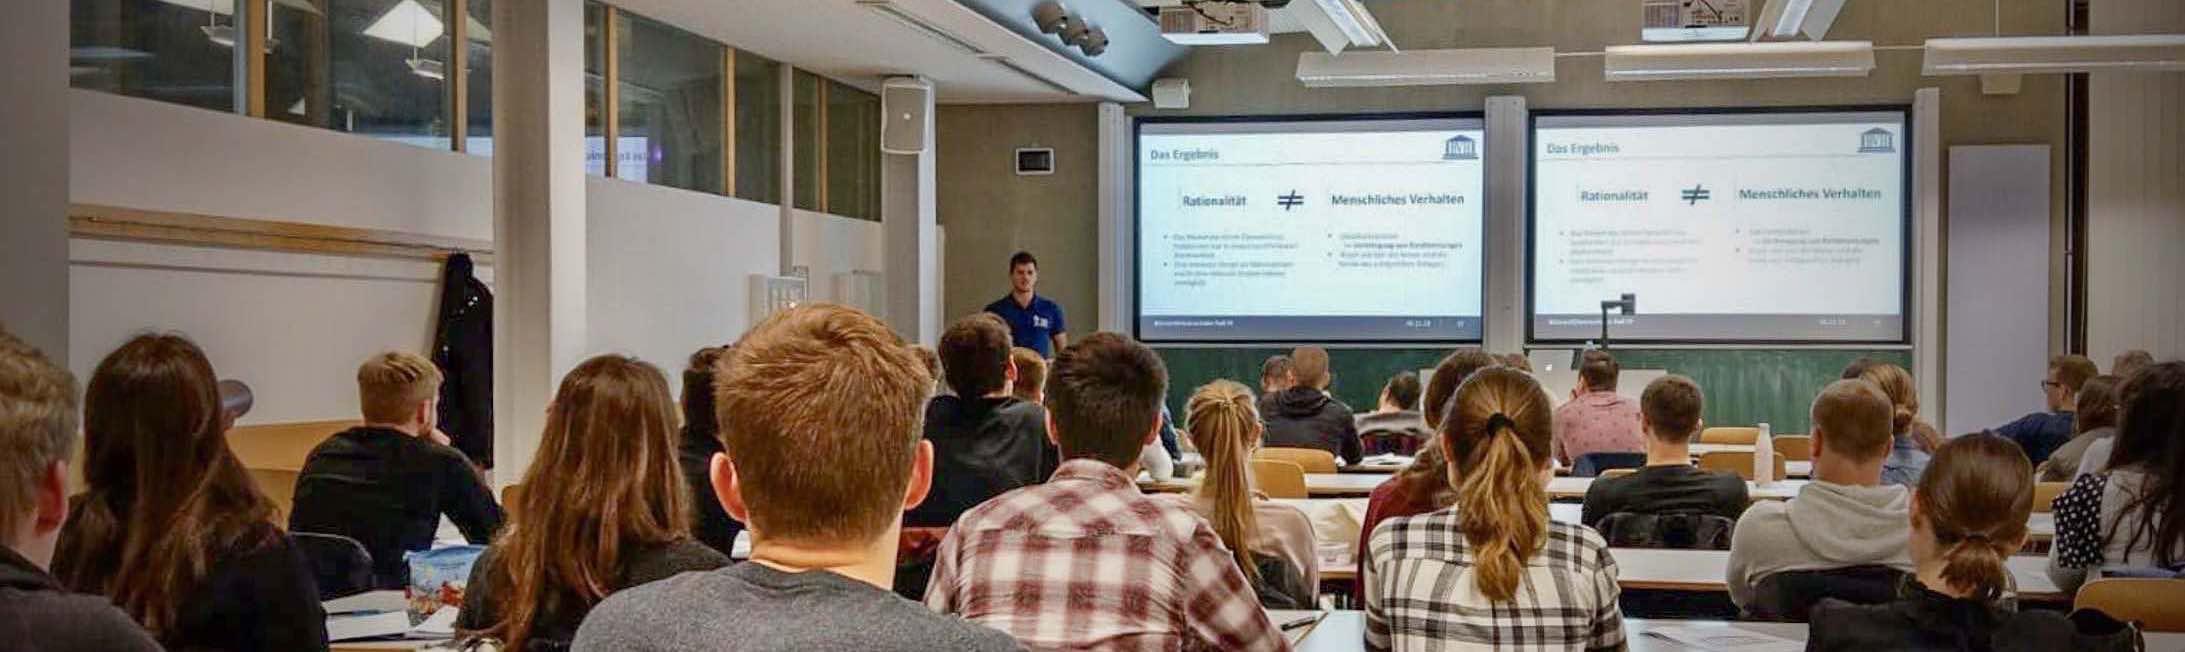 Über mich / Meine Qualifikationen - Vortrag (Titelbild)